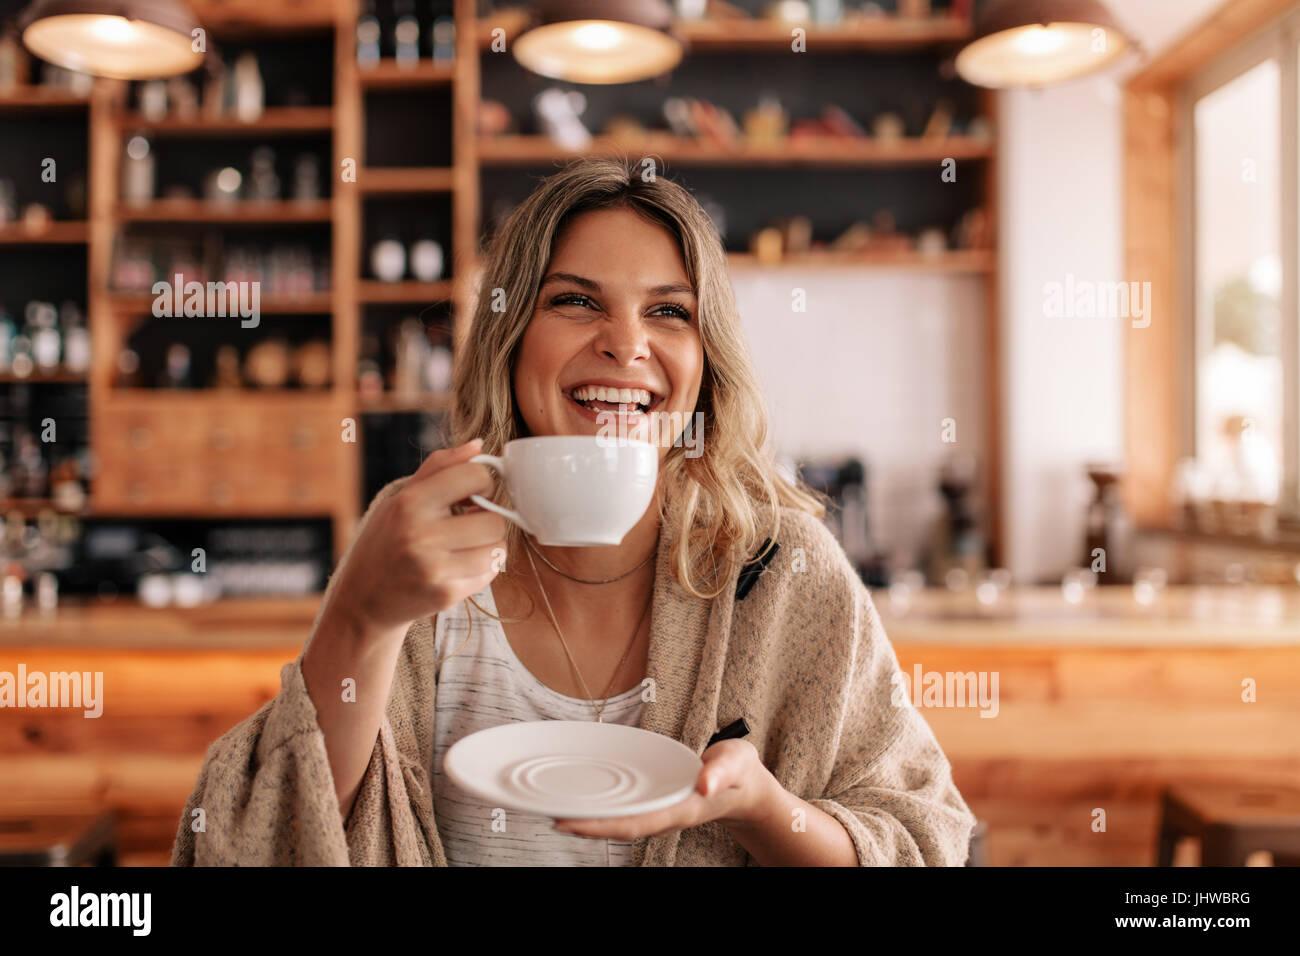 Ritratto di giovane e bella donna in piedi in un bar e bere il caffè. Sorridente giovane femmina presentando Immagini Stock